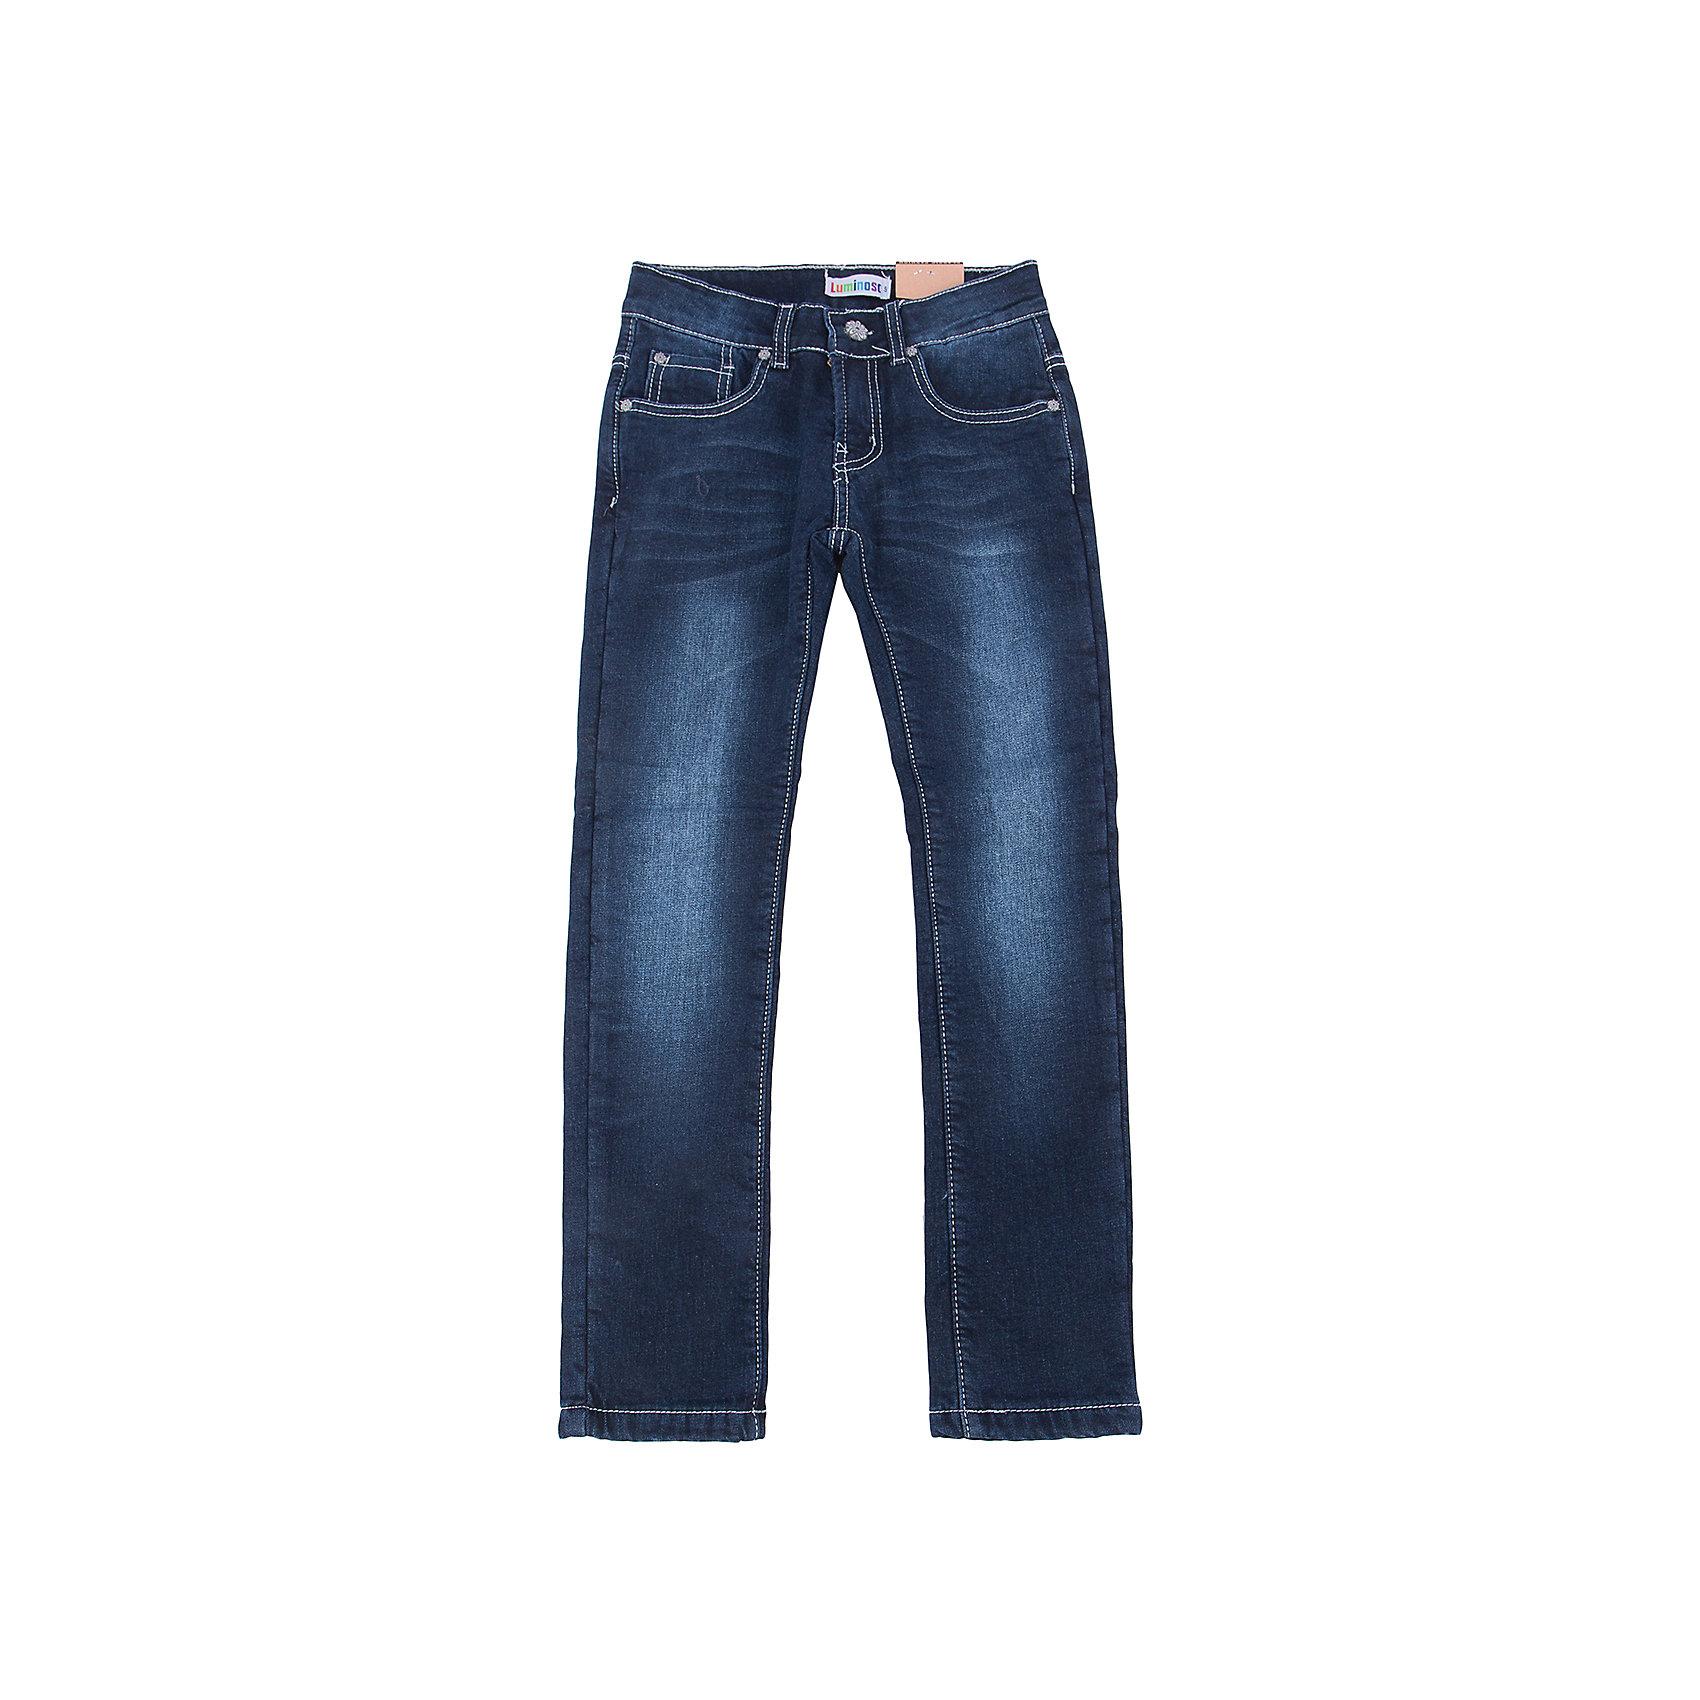 Джинсы для девочки LuminosoХарактеристики товара:<br><br>- цвет: синий;<br>- материал: 98% хлопок, 2% эластан, подкладка - 100% полиэстер;<br>- застежка: пуговица и молния;<br>- пояс регулируется внутренней резинкой на пуговицах;<br>- эффект потертостей.<br><br>Стильная одежда от бренда Luminoso (Люминосо), созданная при участии итальянских дизайнеров, учитывает потребности подростков и последние веяния моды. Она удобная и модная.<br>Эти классические джинсы выглядят стильно, но при этом подходят для ежедневного ношения. Они хорошо сидят на ребенке, обеспечивают комфорт и отлично сочетаются с одежной разных стилей. Модель отличается высоким качеством материала и продуманным дизайном. Натуральный хлопок в составе изделия делает его дышащим, приятным на ощупь и гипоаллергеным.<br><br>Джинсы для девочки от бренда Luminoso (Люминосо) можно купить в нашем интернет-магазине.<br><br>Ширина мм: 215<br>Глубина мм: 88<br>Высота мм: 191<br>Вес г: 336<br>Цвет: синий<br>Возраст от месяцев: 156<br>Возраст до месяцев: 168<br>Пол: Женский<br>Возраст: Детский<br>Размер: 164,134,140,146,152,158<br>SKU: 4929731